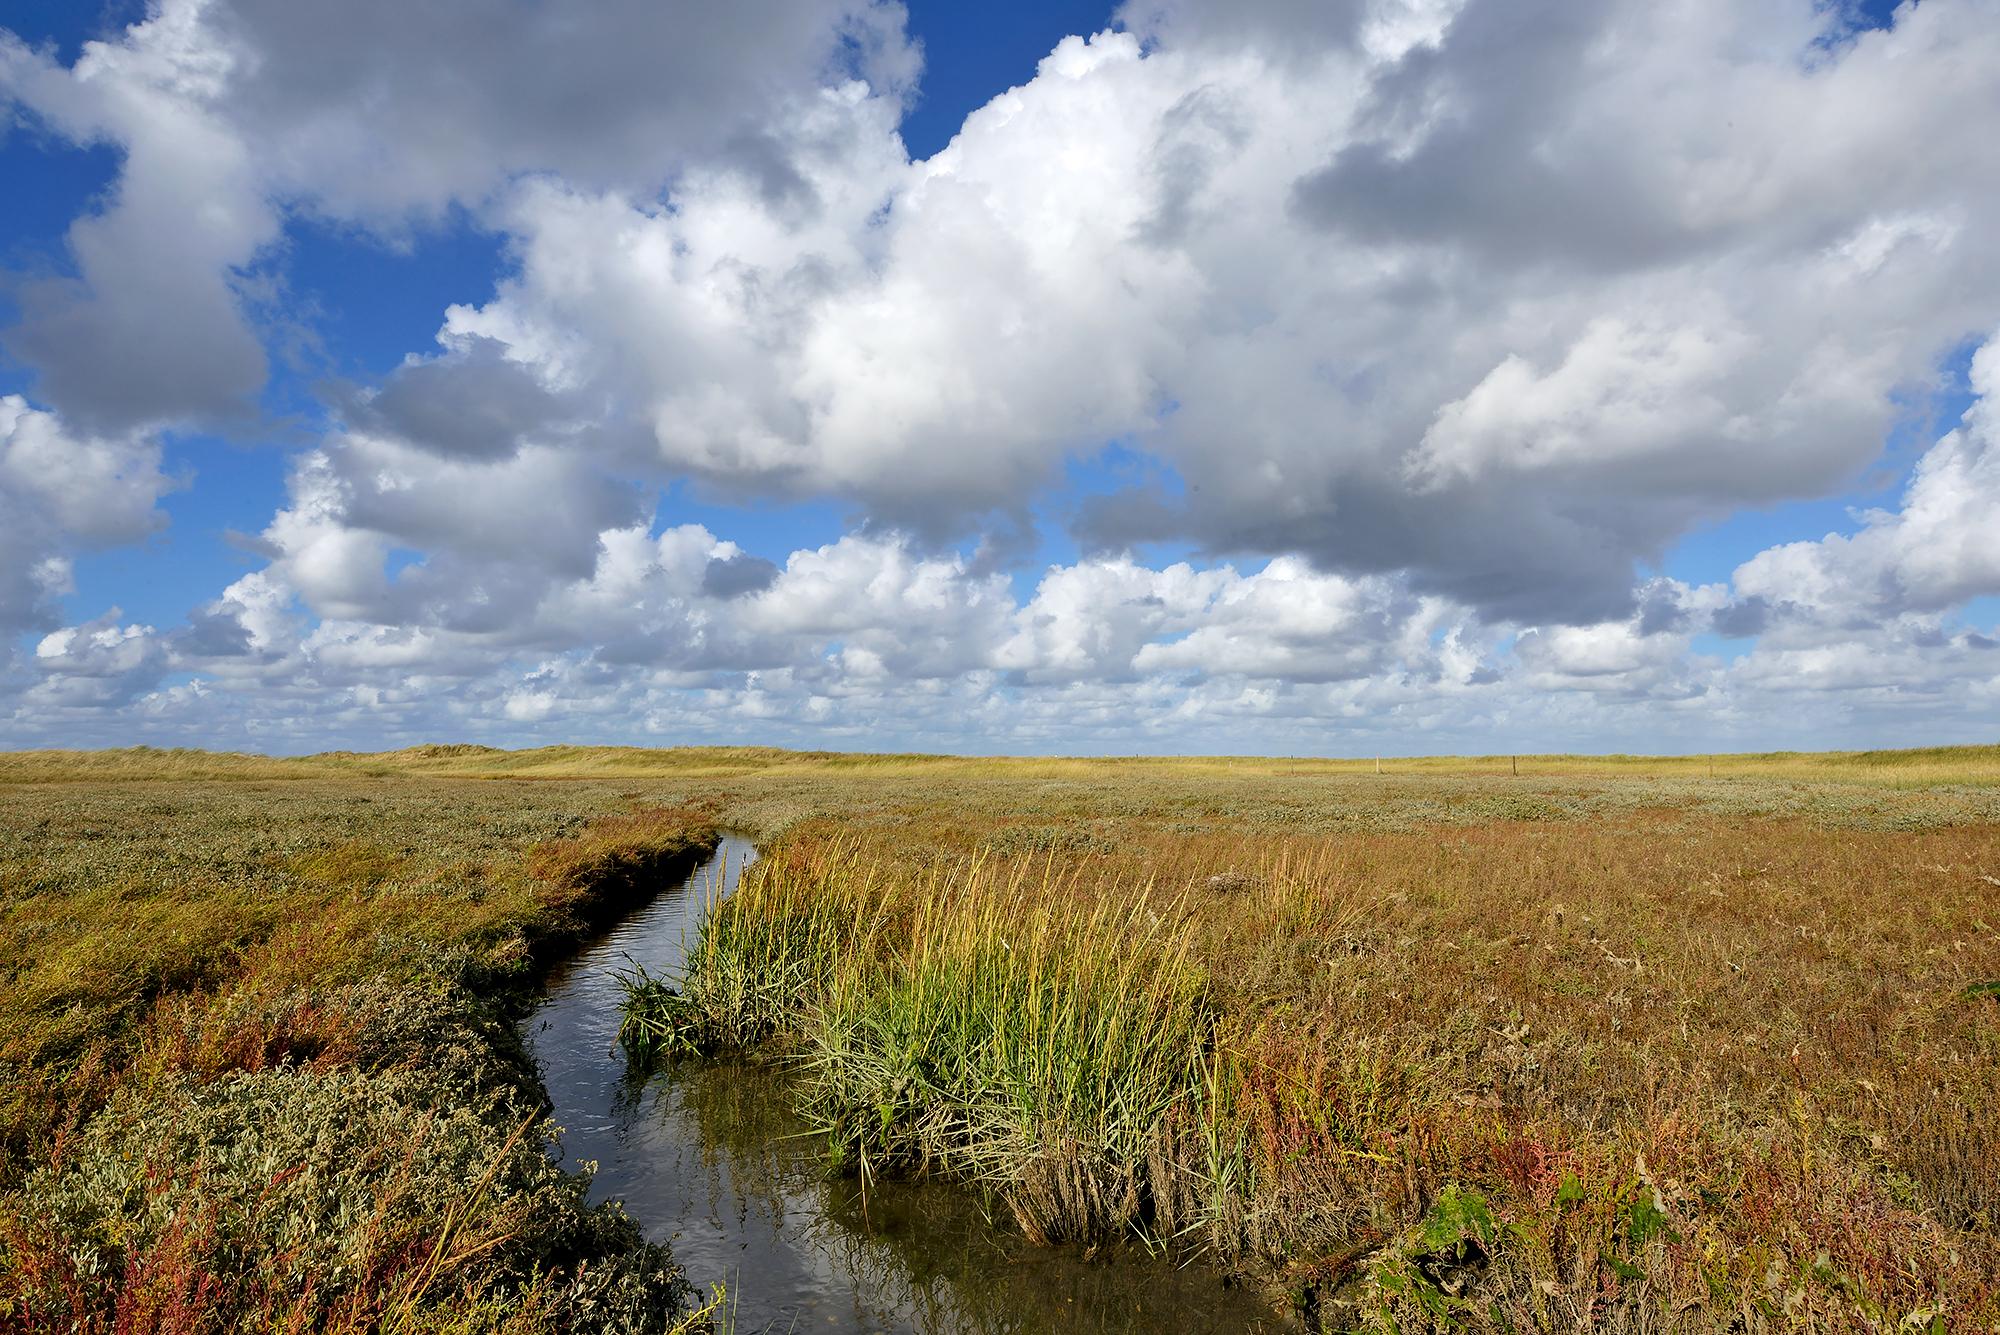 Slingerende kreek door de kwelder van vogelreservaat De Volharding bij De Cocksdorp op het waddeneiland Texel.